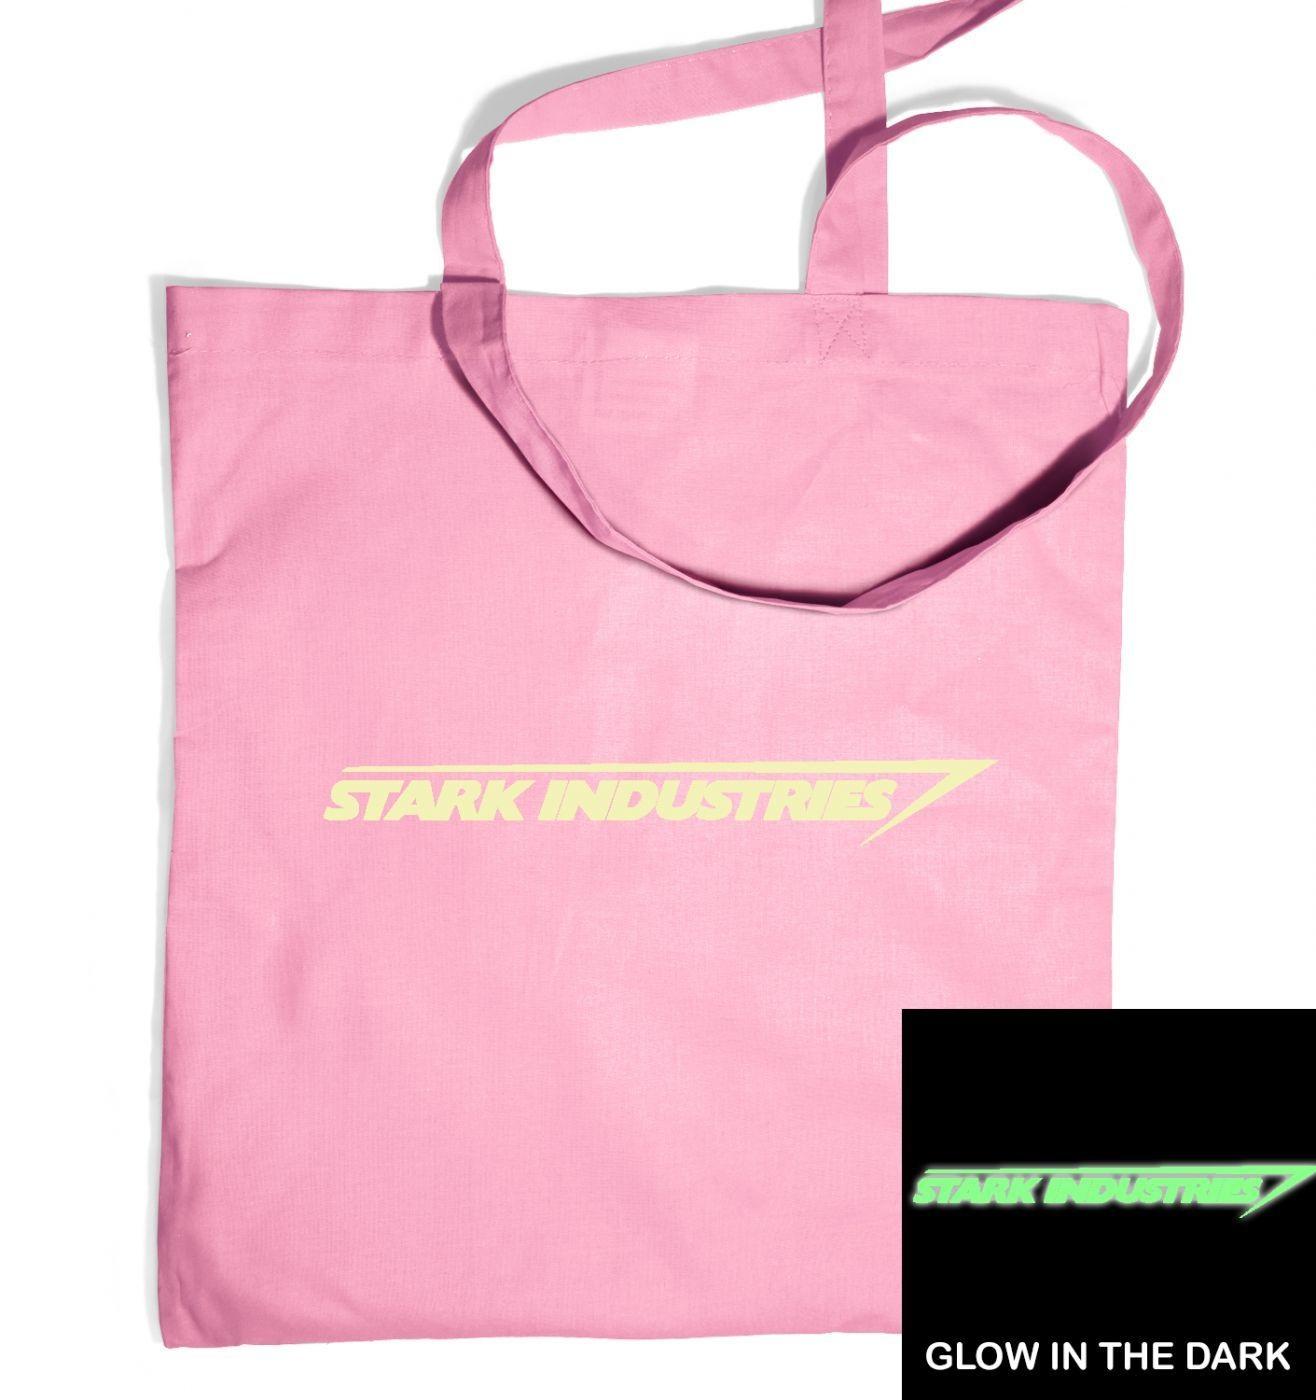 Stark Industries (glow in the dark) tote bag